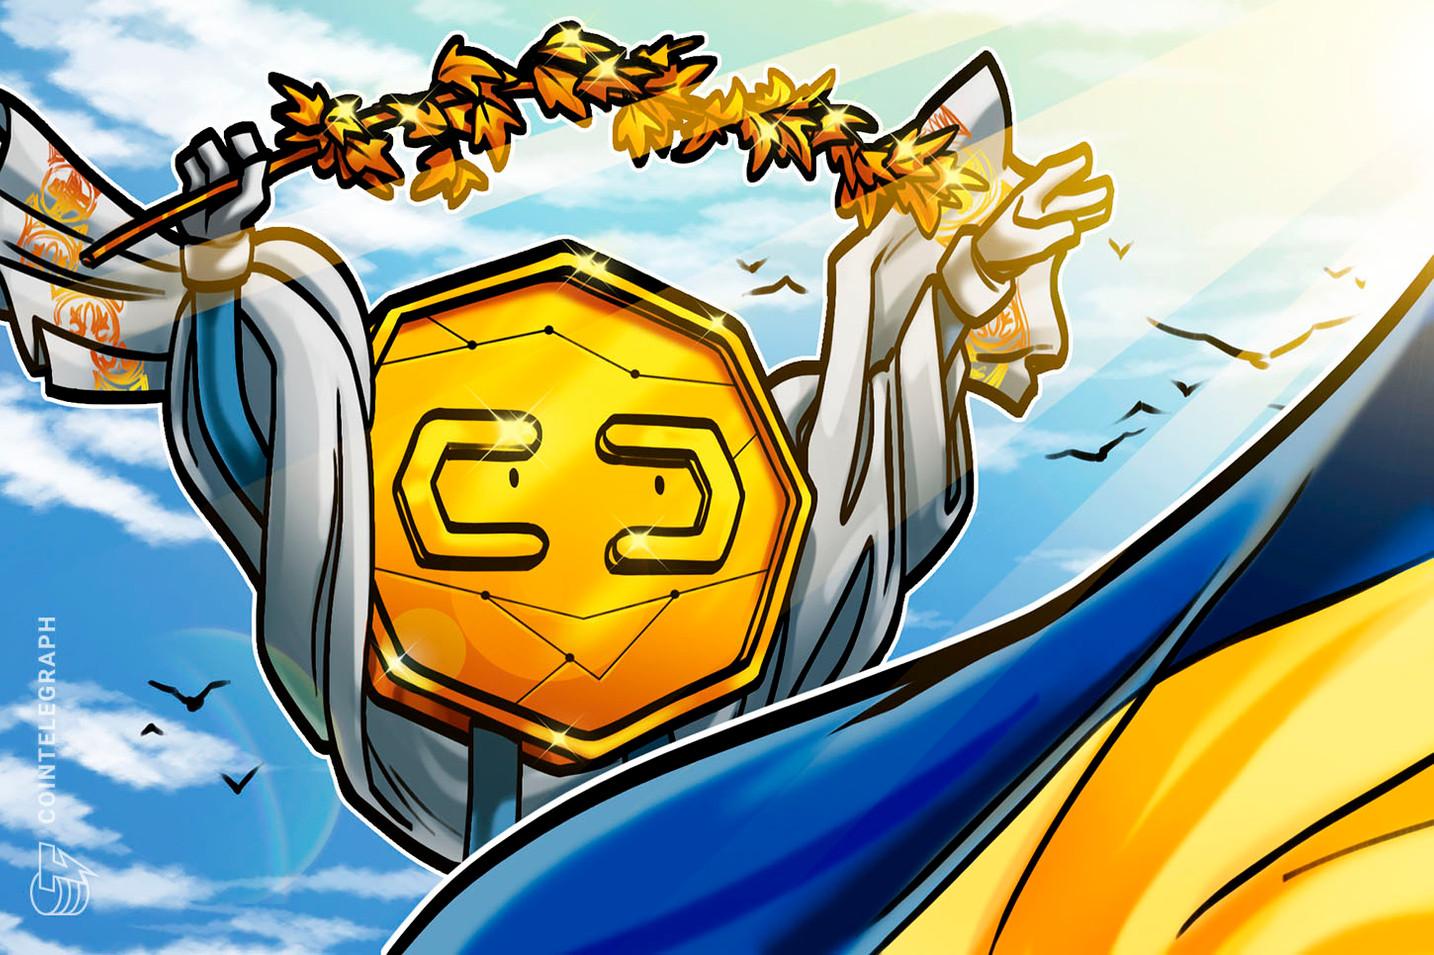 Ukrainos e-bankas liepos mėnesį planuoja siūlyti prekybą Bitcoin